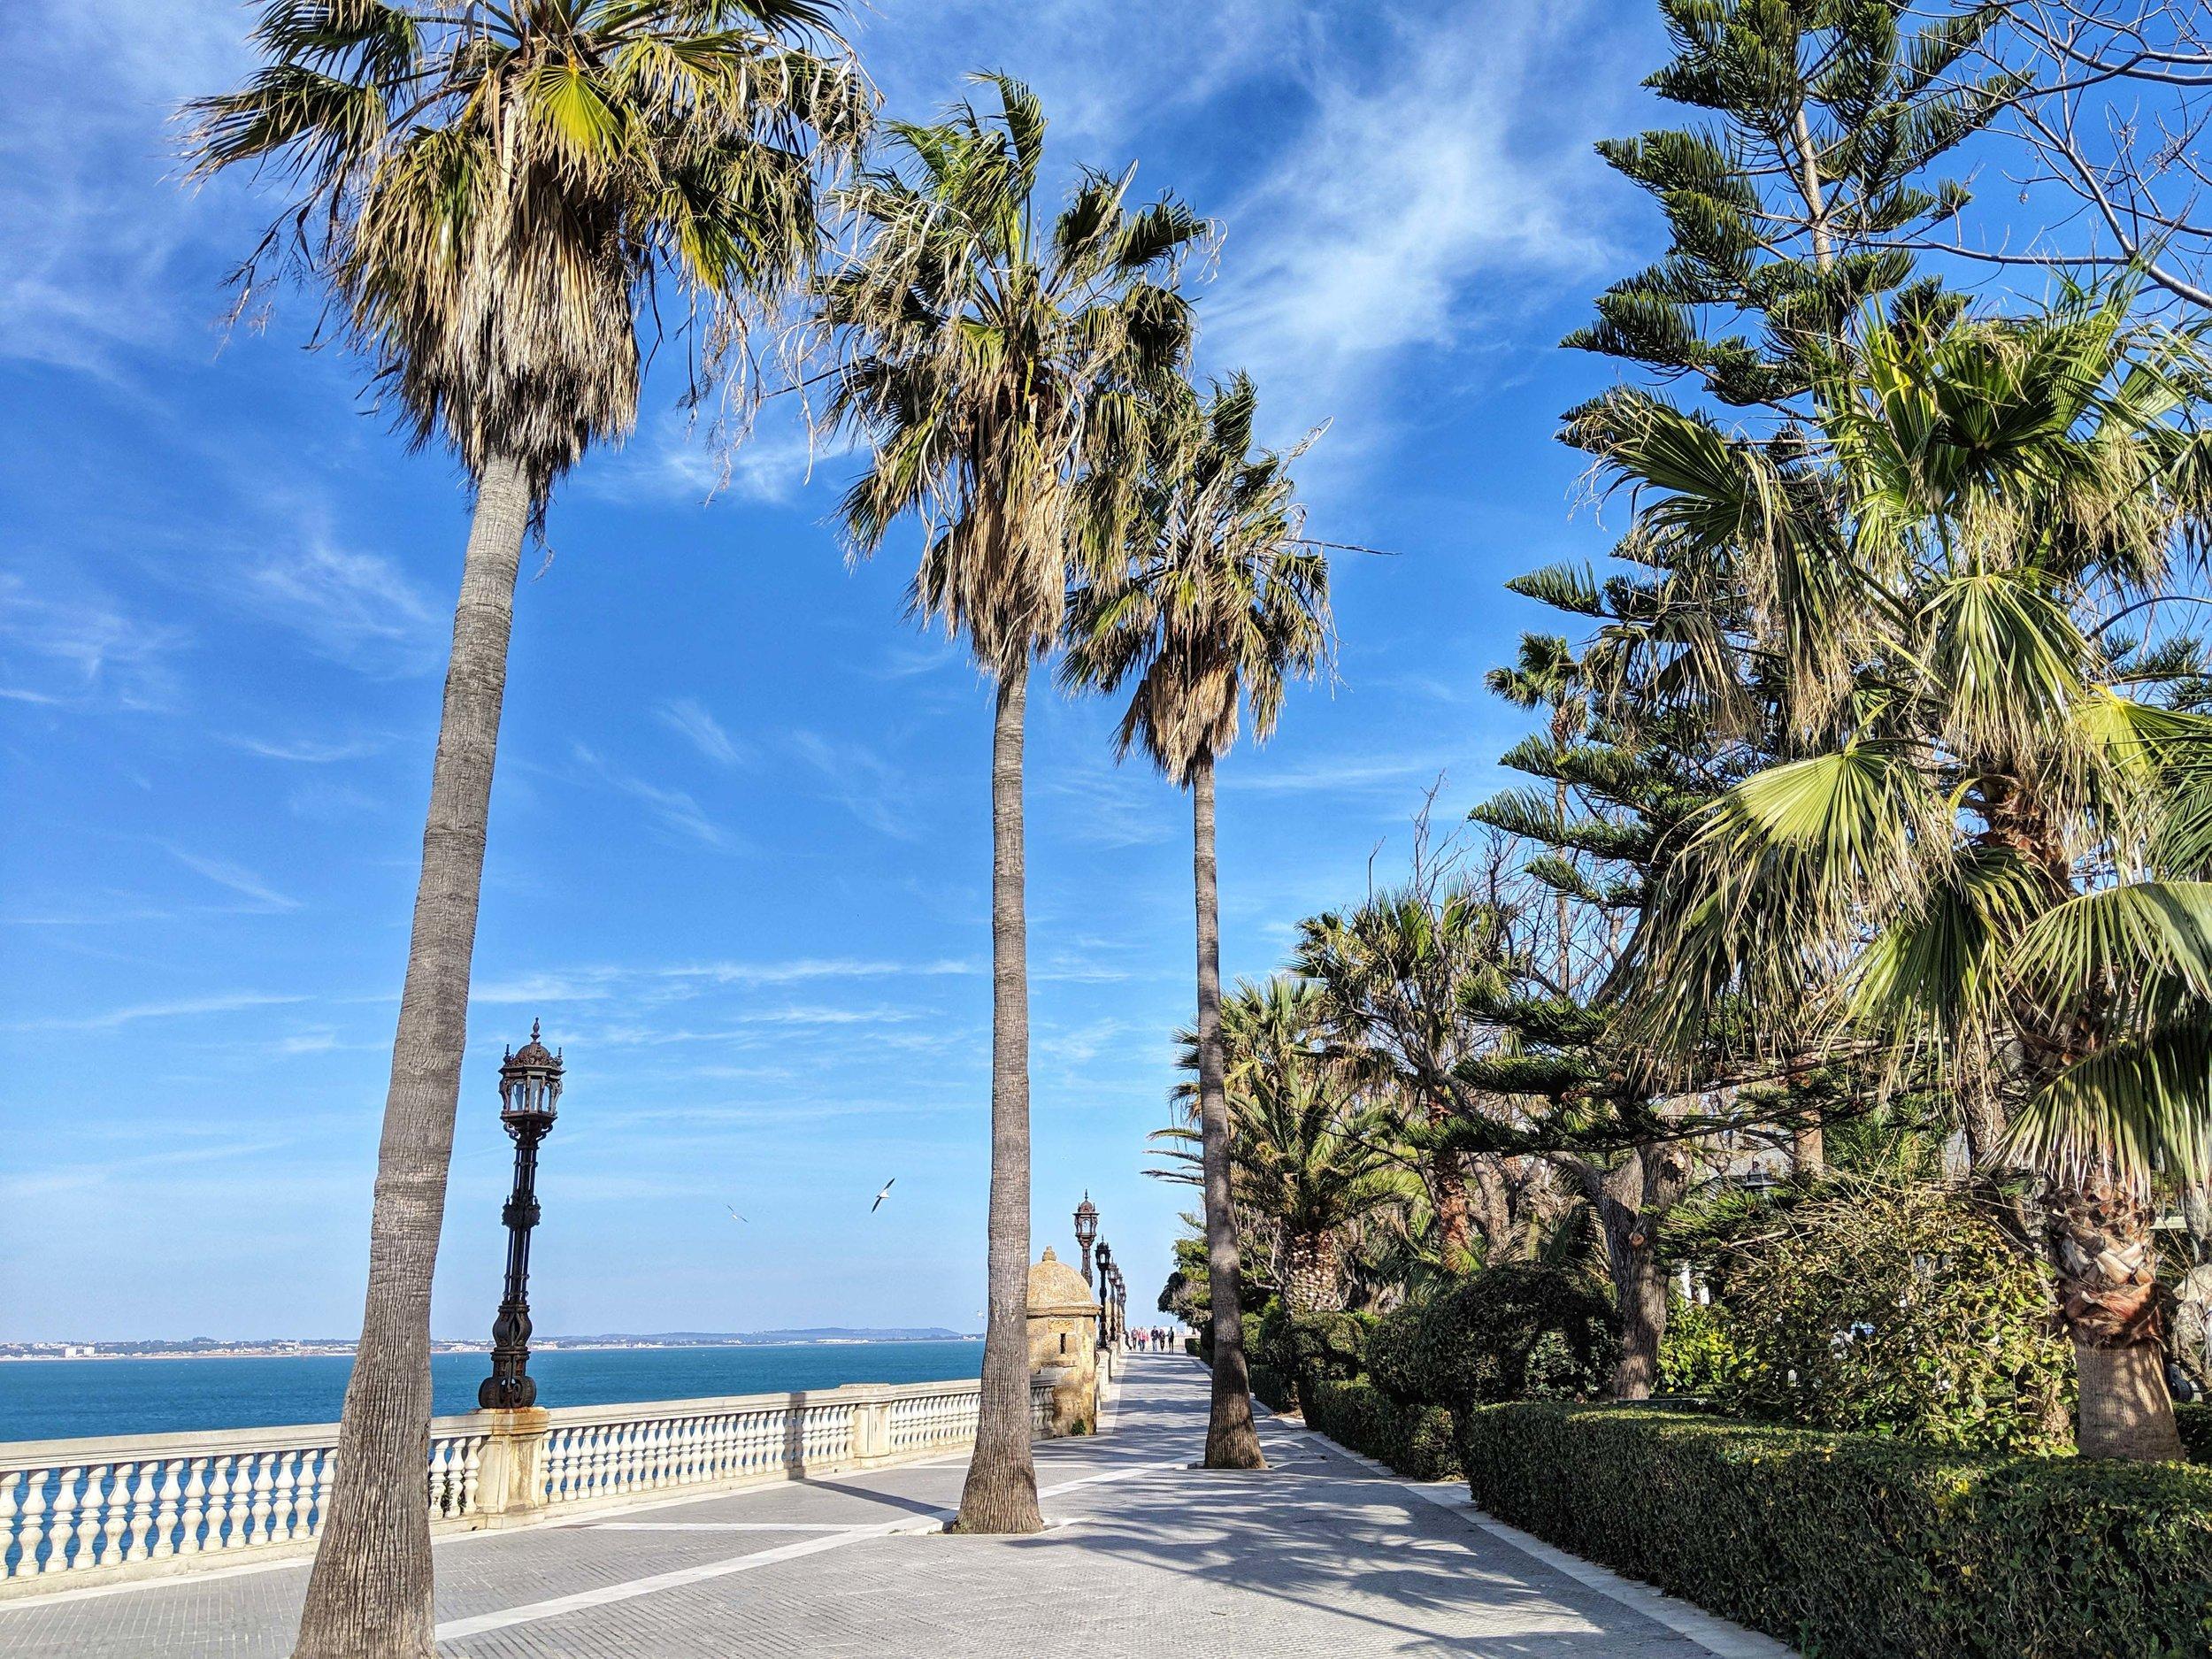 The waterfront at Cadiz